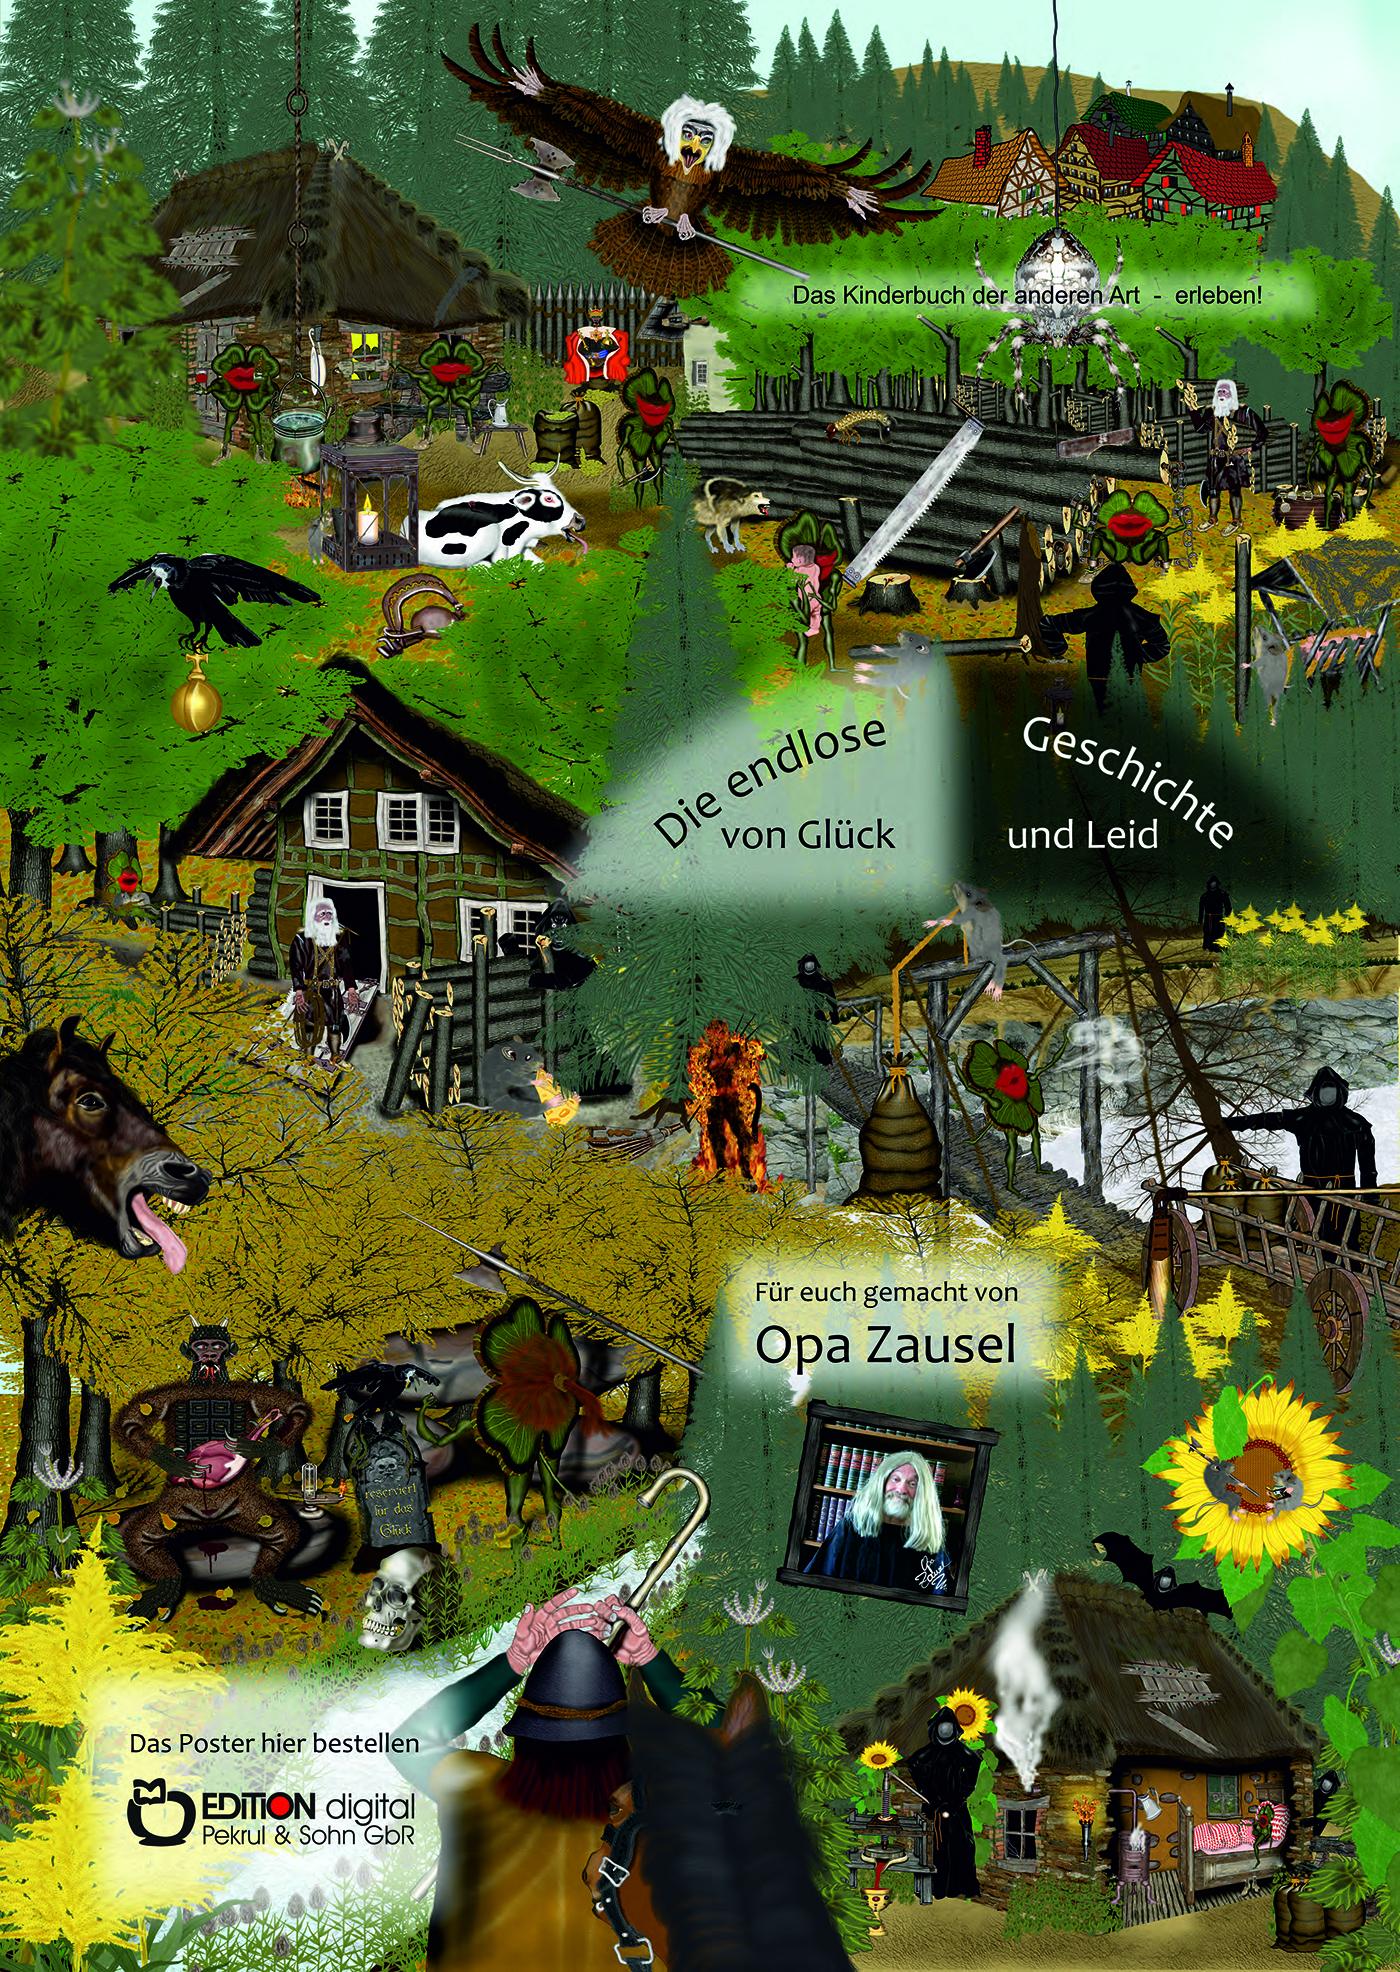 Poster zur endlosen Geschichte von Glück und Leid von Opa Zausel